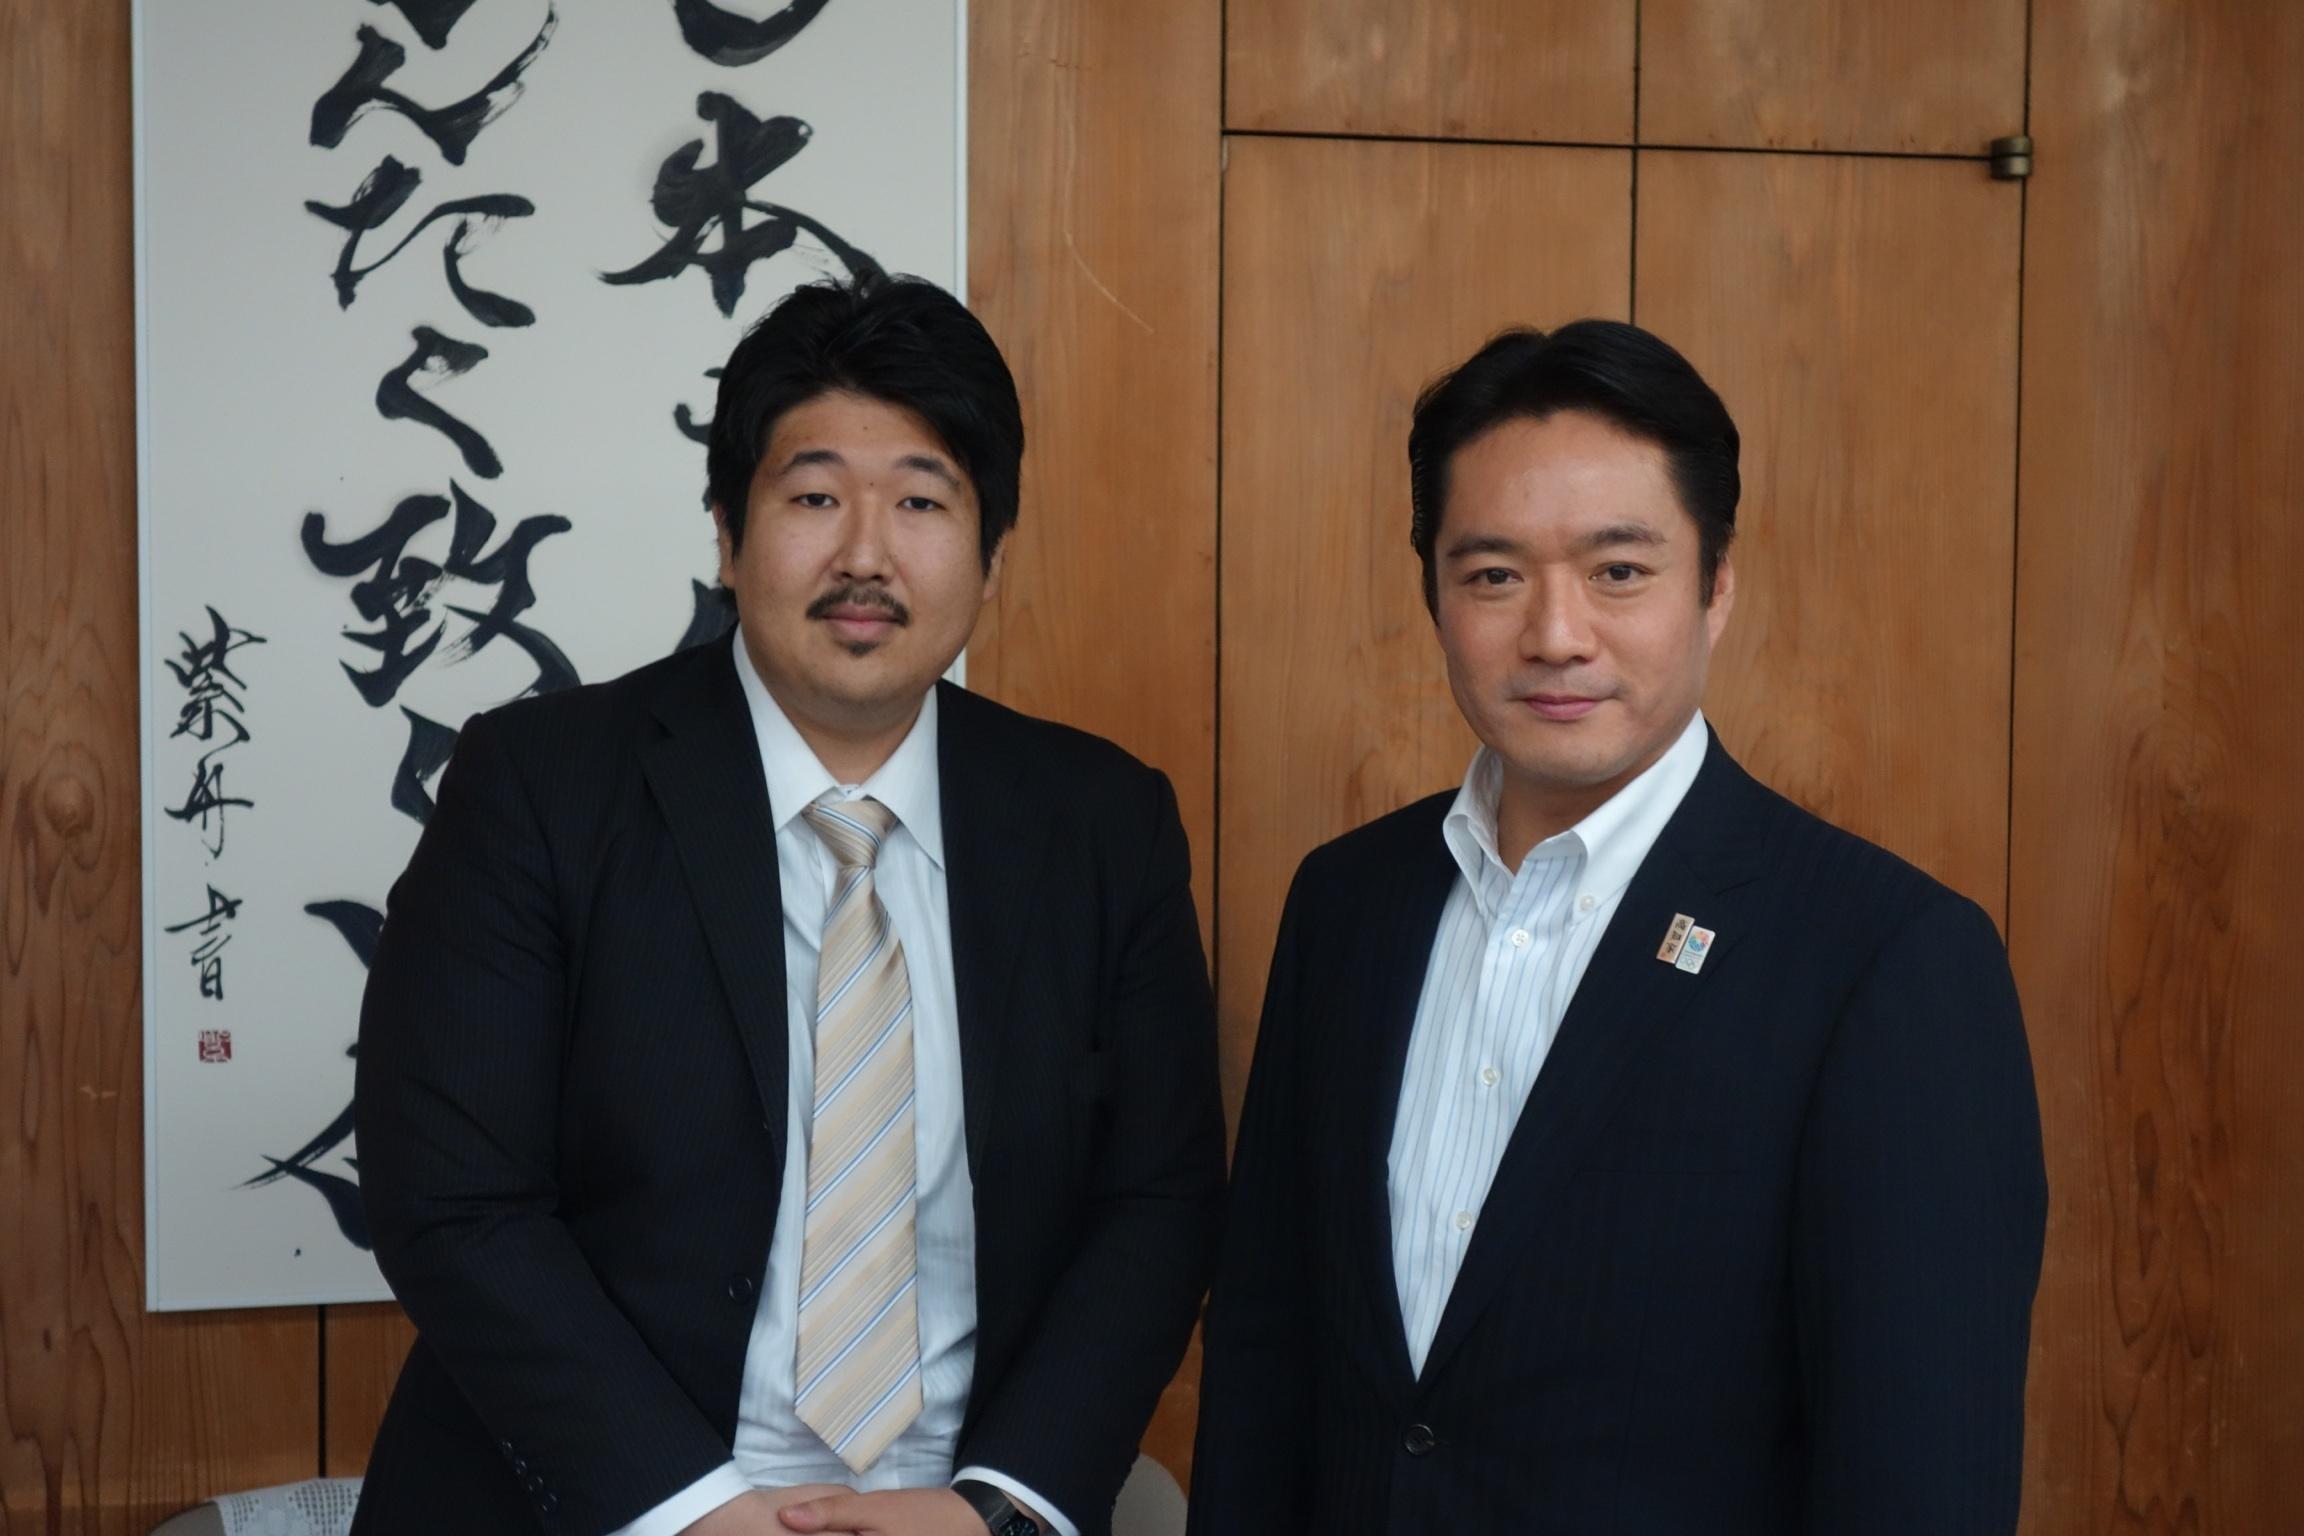 高知県知事と談話: 恒石鎮誌的日々